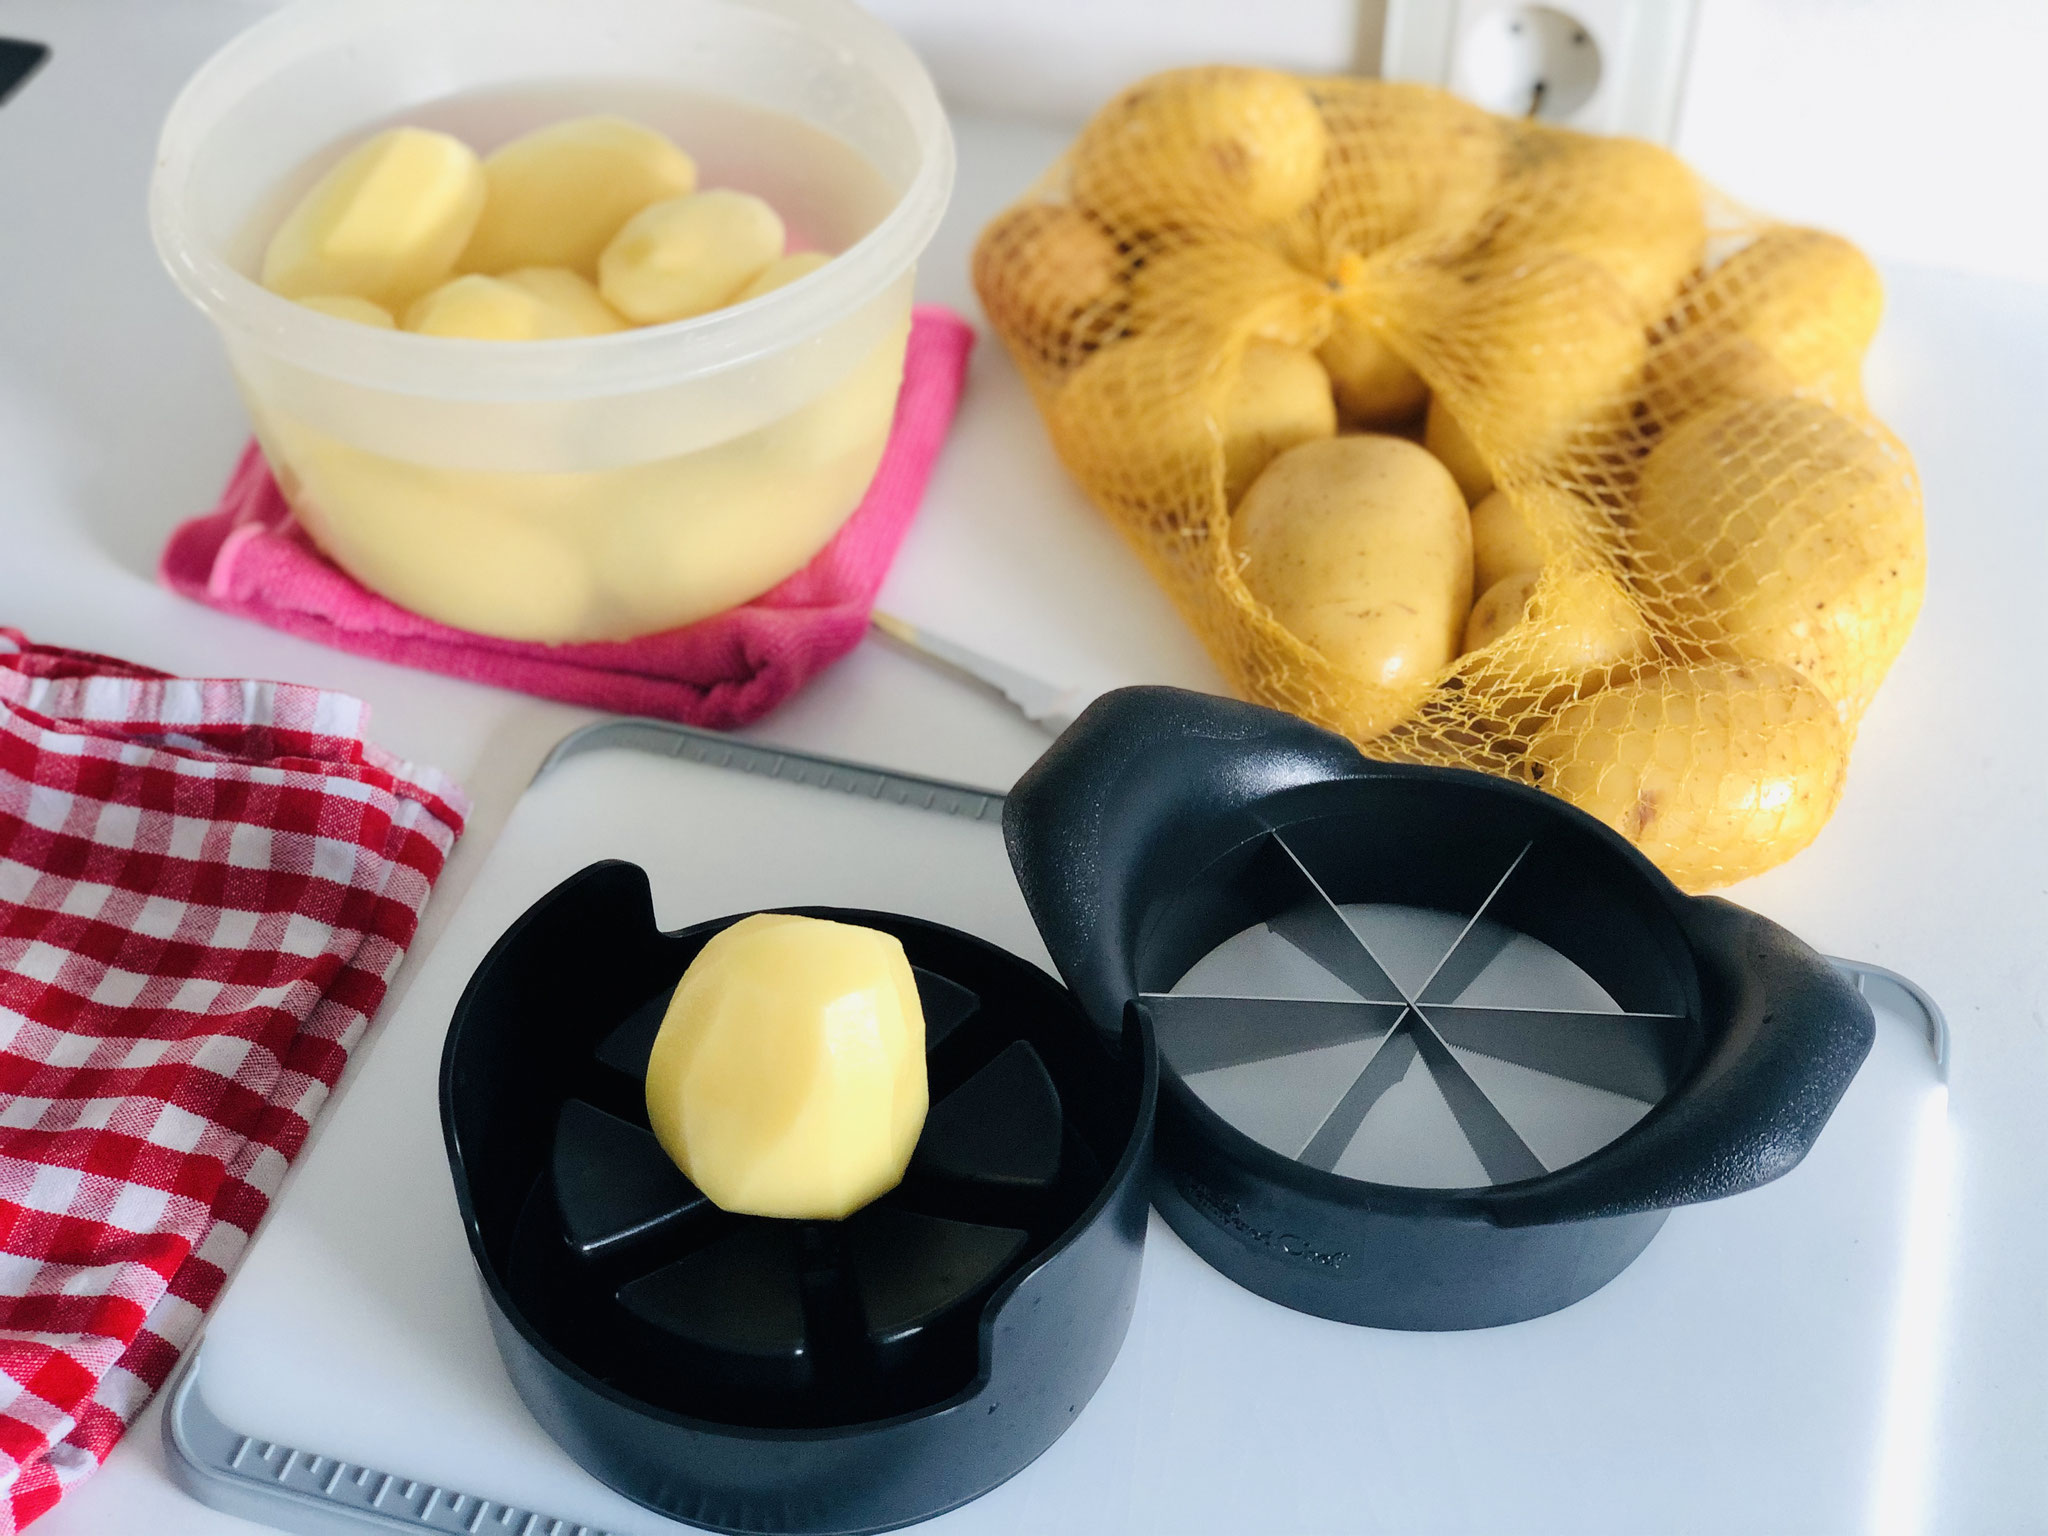 Die Kartoffeln schälen und in Spalten schneiden, wässern und danach in Öl mit Gewürzen wälzen...